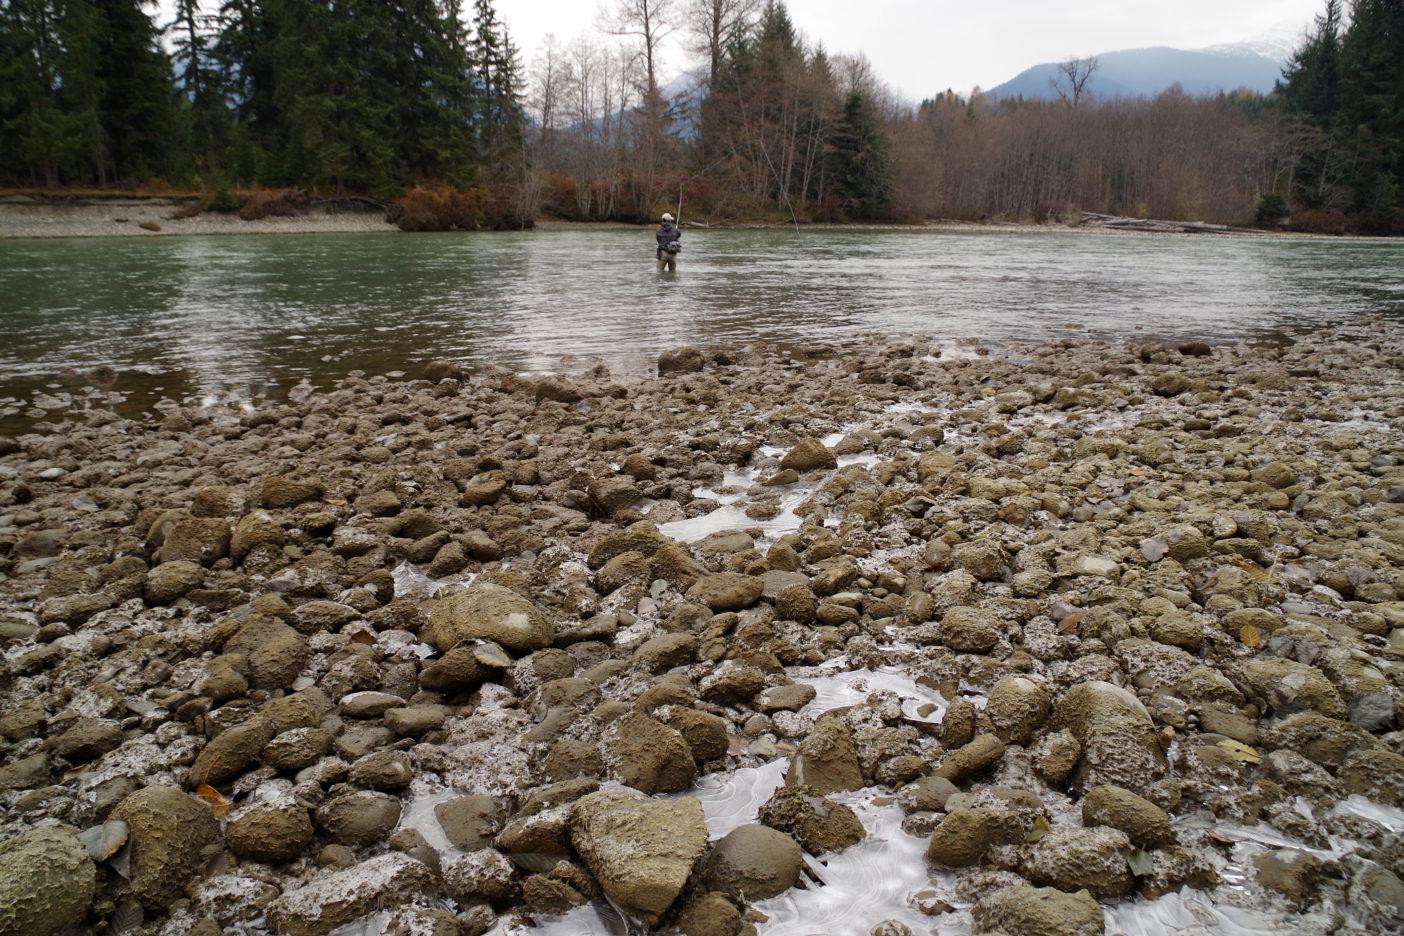 氷点下の川辺でキャスティングを繰り返す釣り人。写真:足立信正